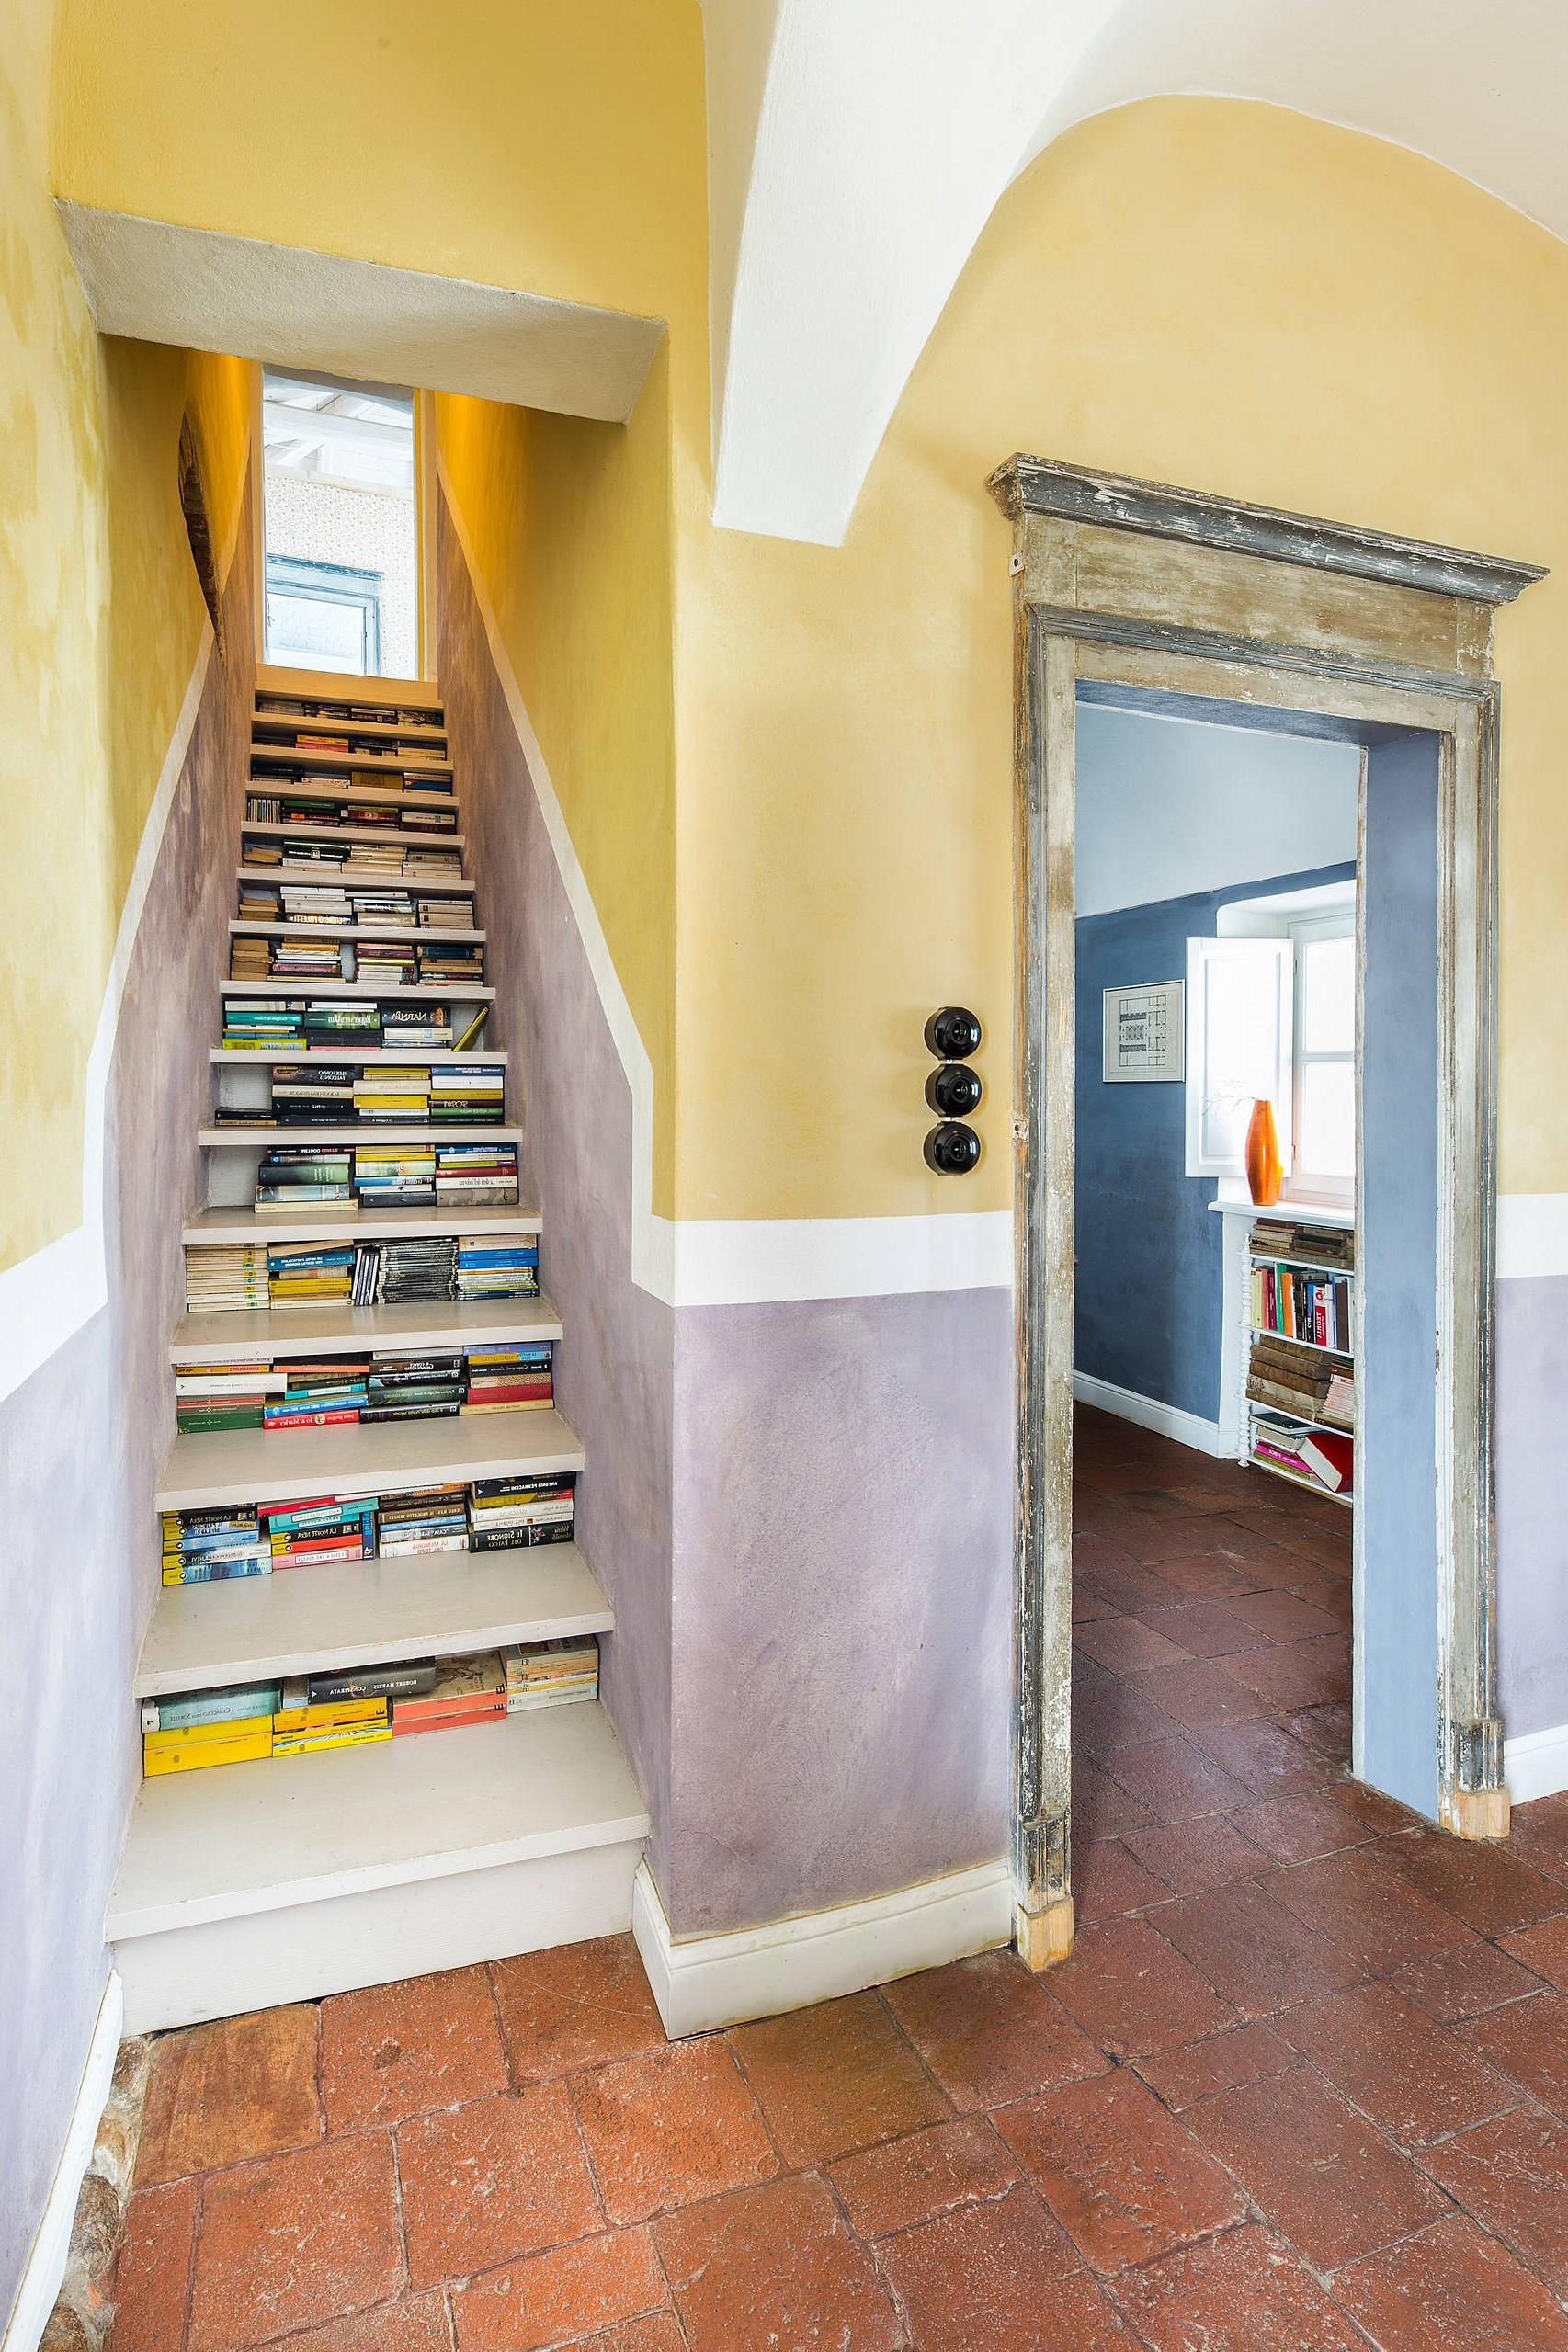 Toutefois, lorsque vous souhaitez améliorer votre escalier, le meilleur moyen de commencer consiste à utiliser le mur qui le relie.